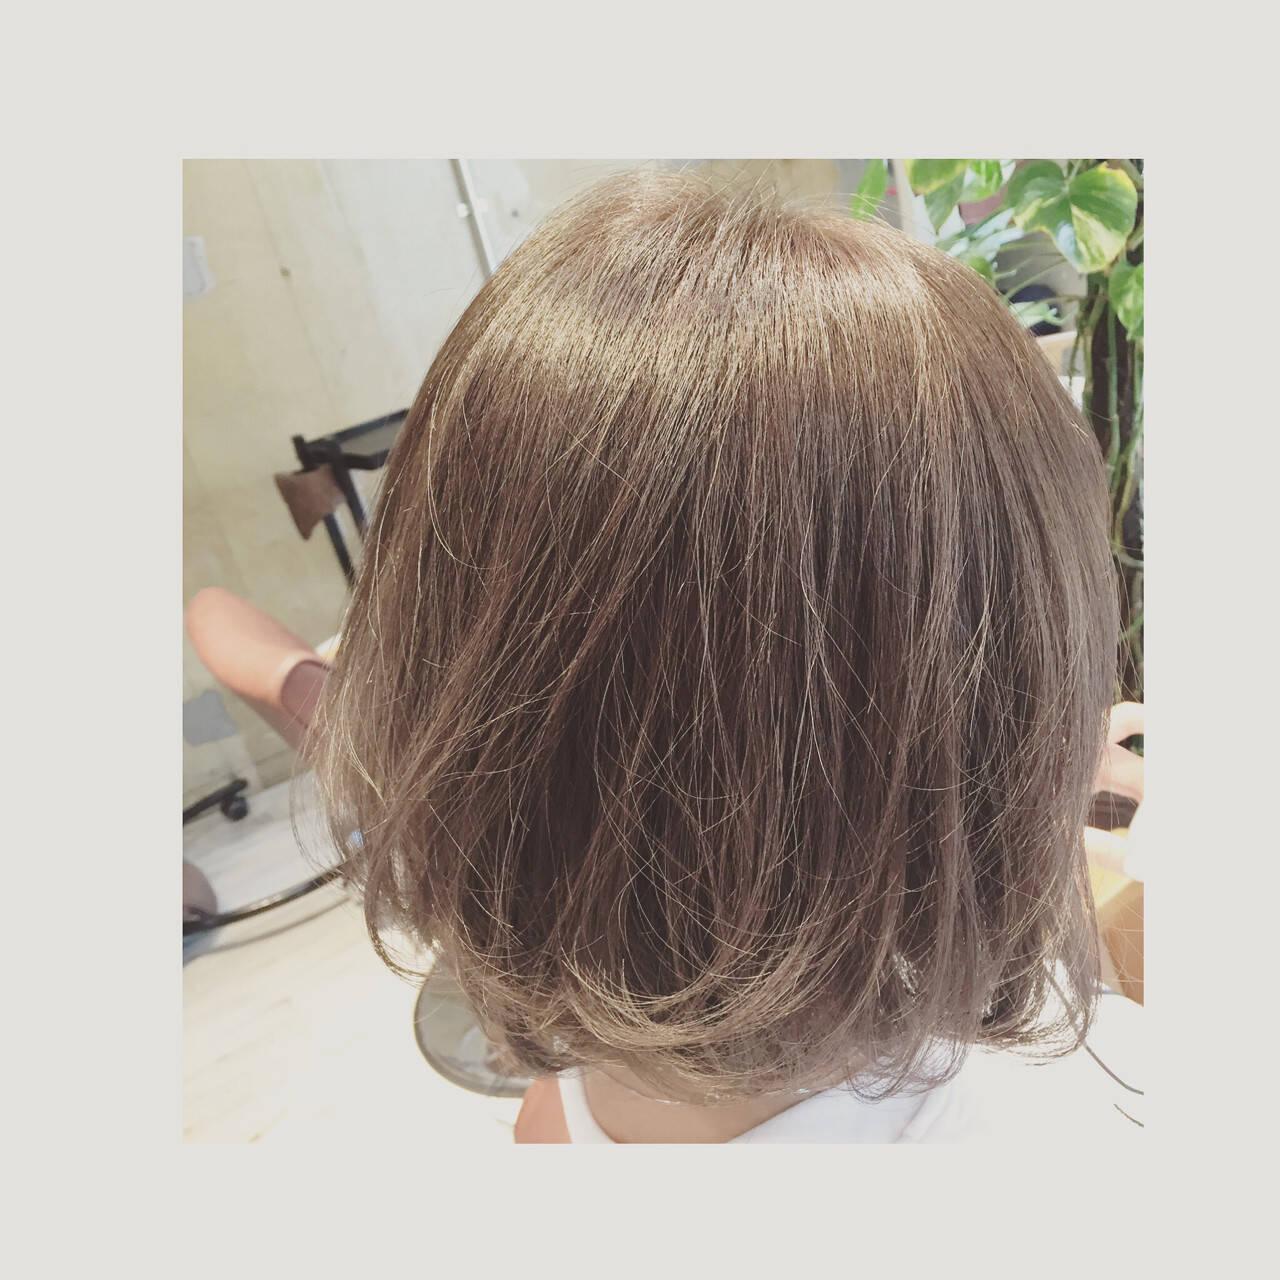 グレージュ ナチュラル アッシュ グラデーションカラーヘアスタイルや髪型の写真・画像